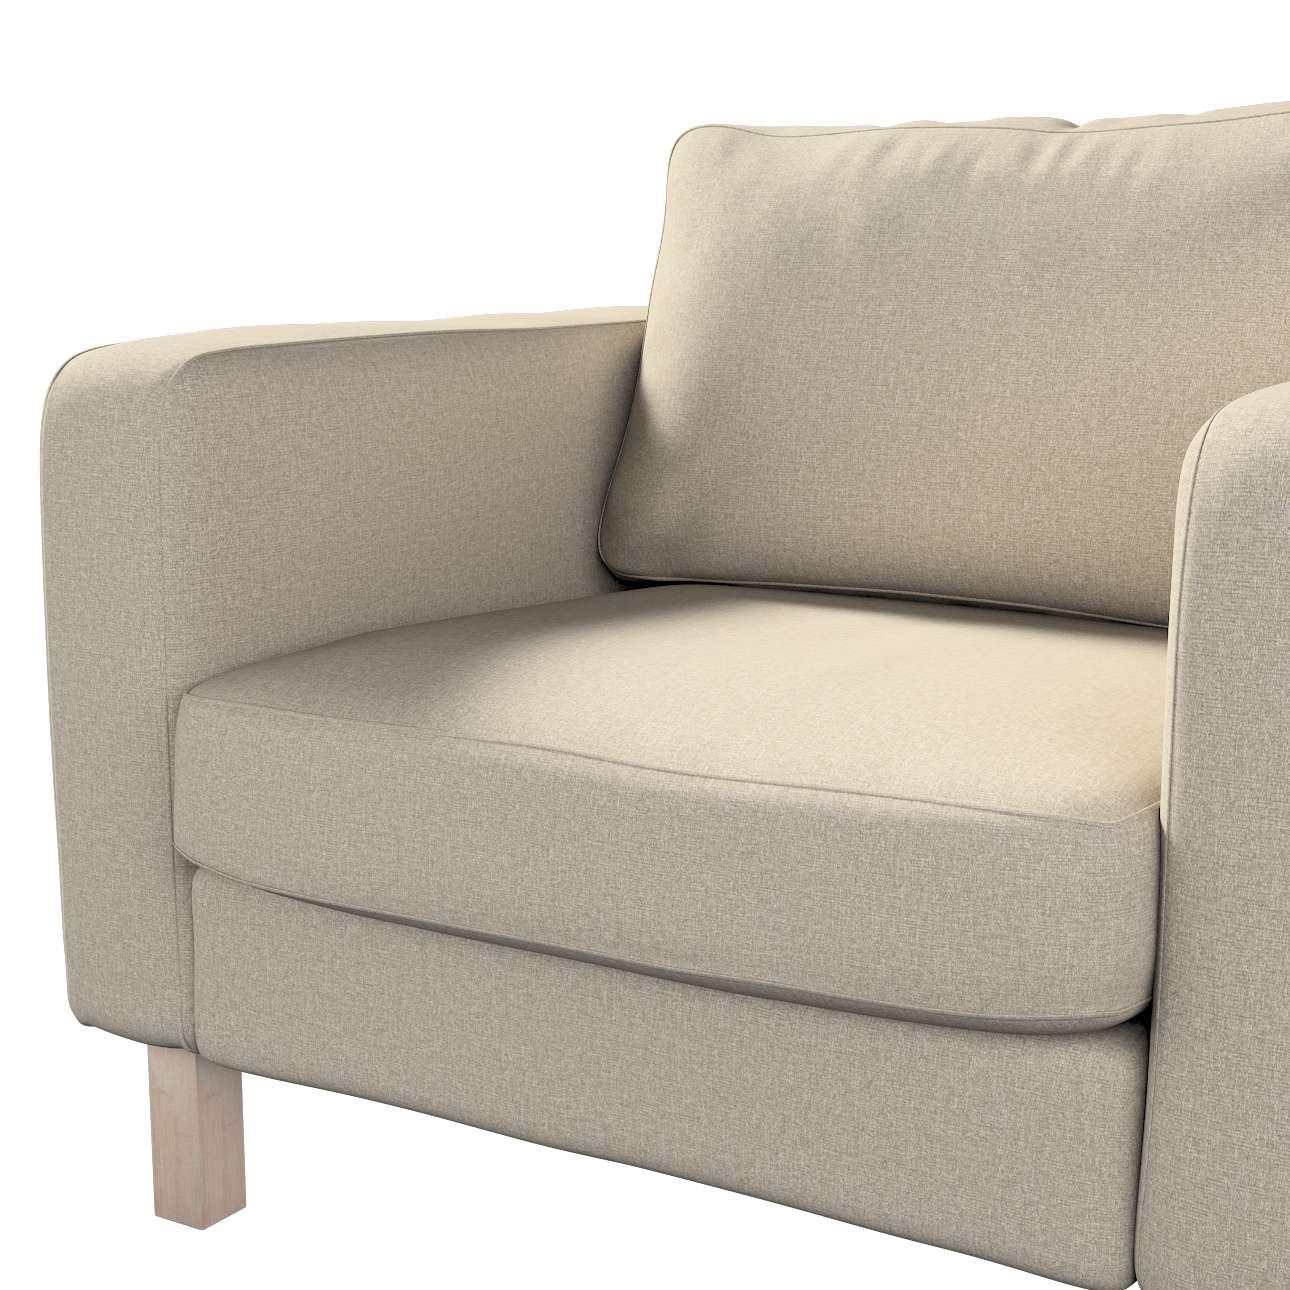 Pokrowiec na fotel Karlstad, krótki w kolekcji Amsterdam, tkanina: 704-52